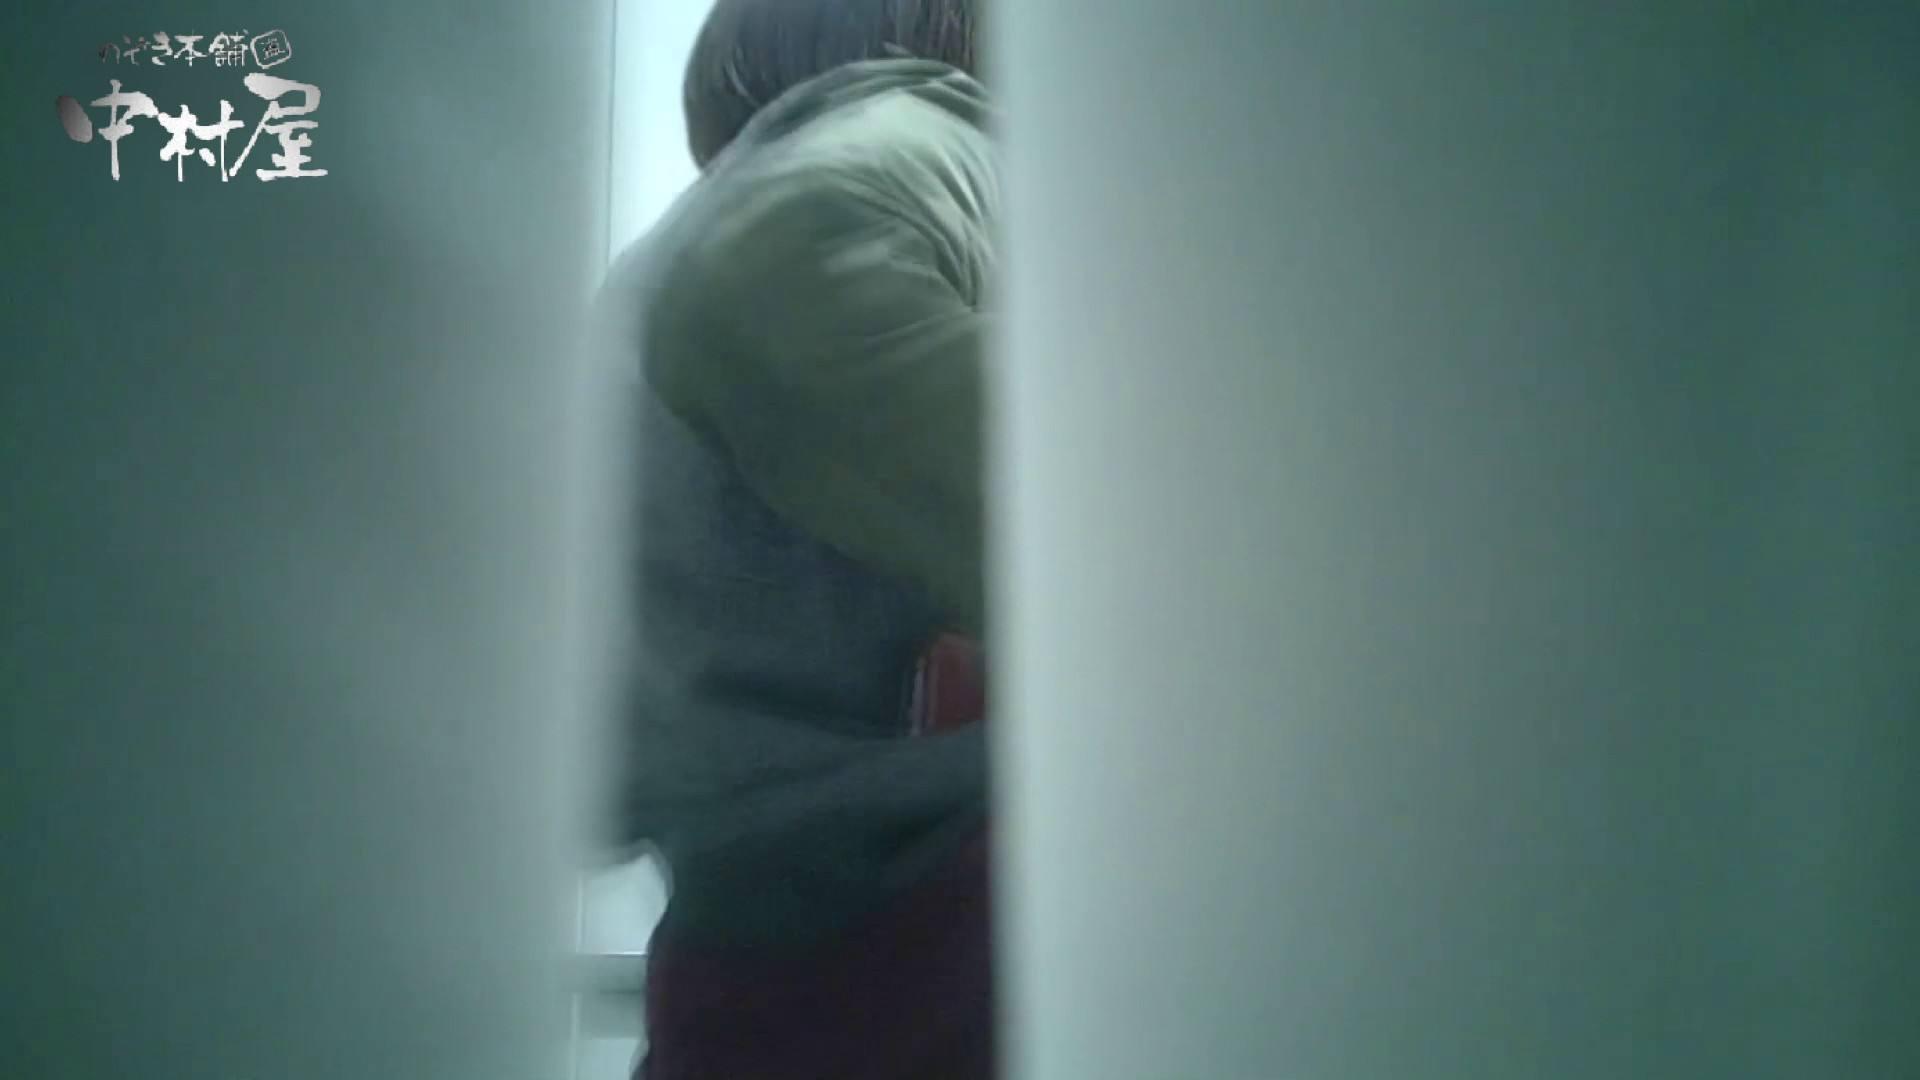 有名大学女性洗面所 vol.58 アンダーヘアーも冬支度? 和式 盗撮アダルト動画キャプチャ 91画像 39